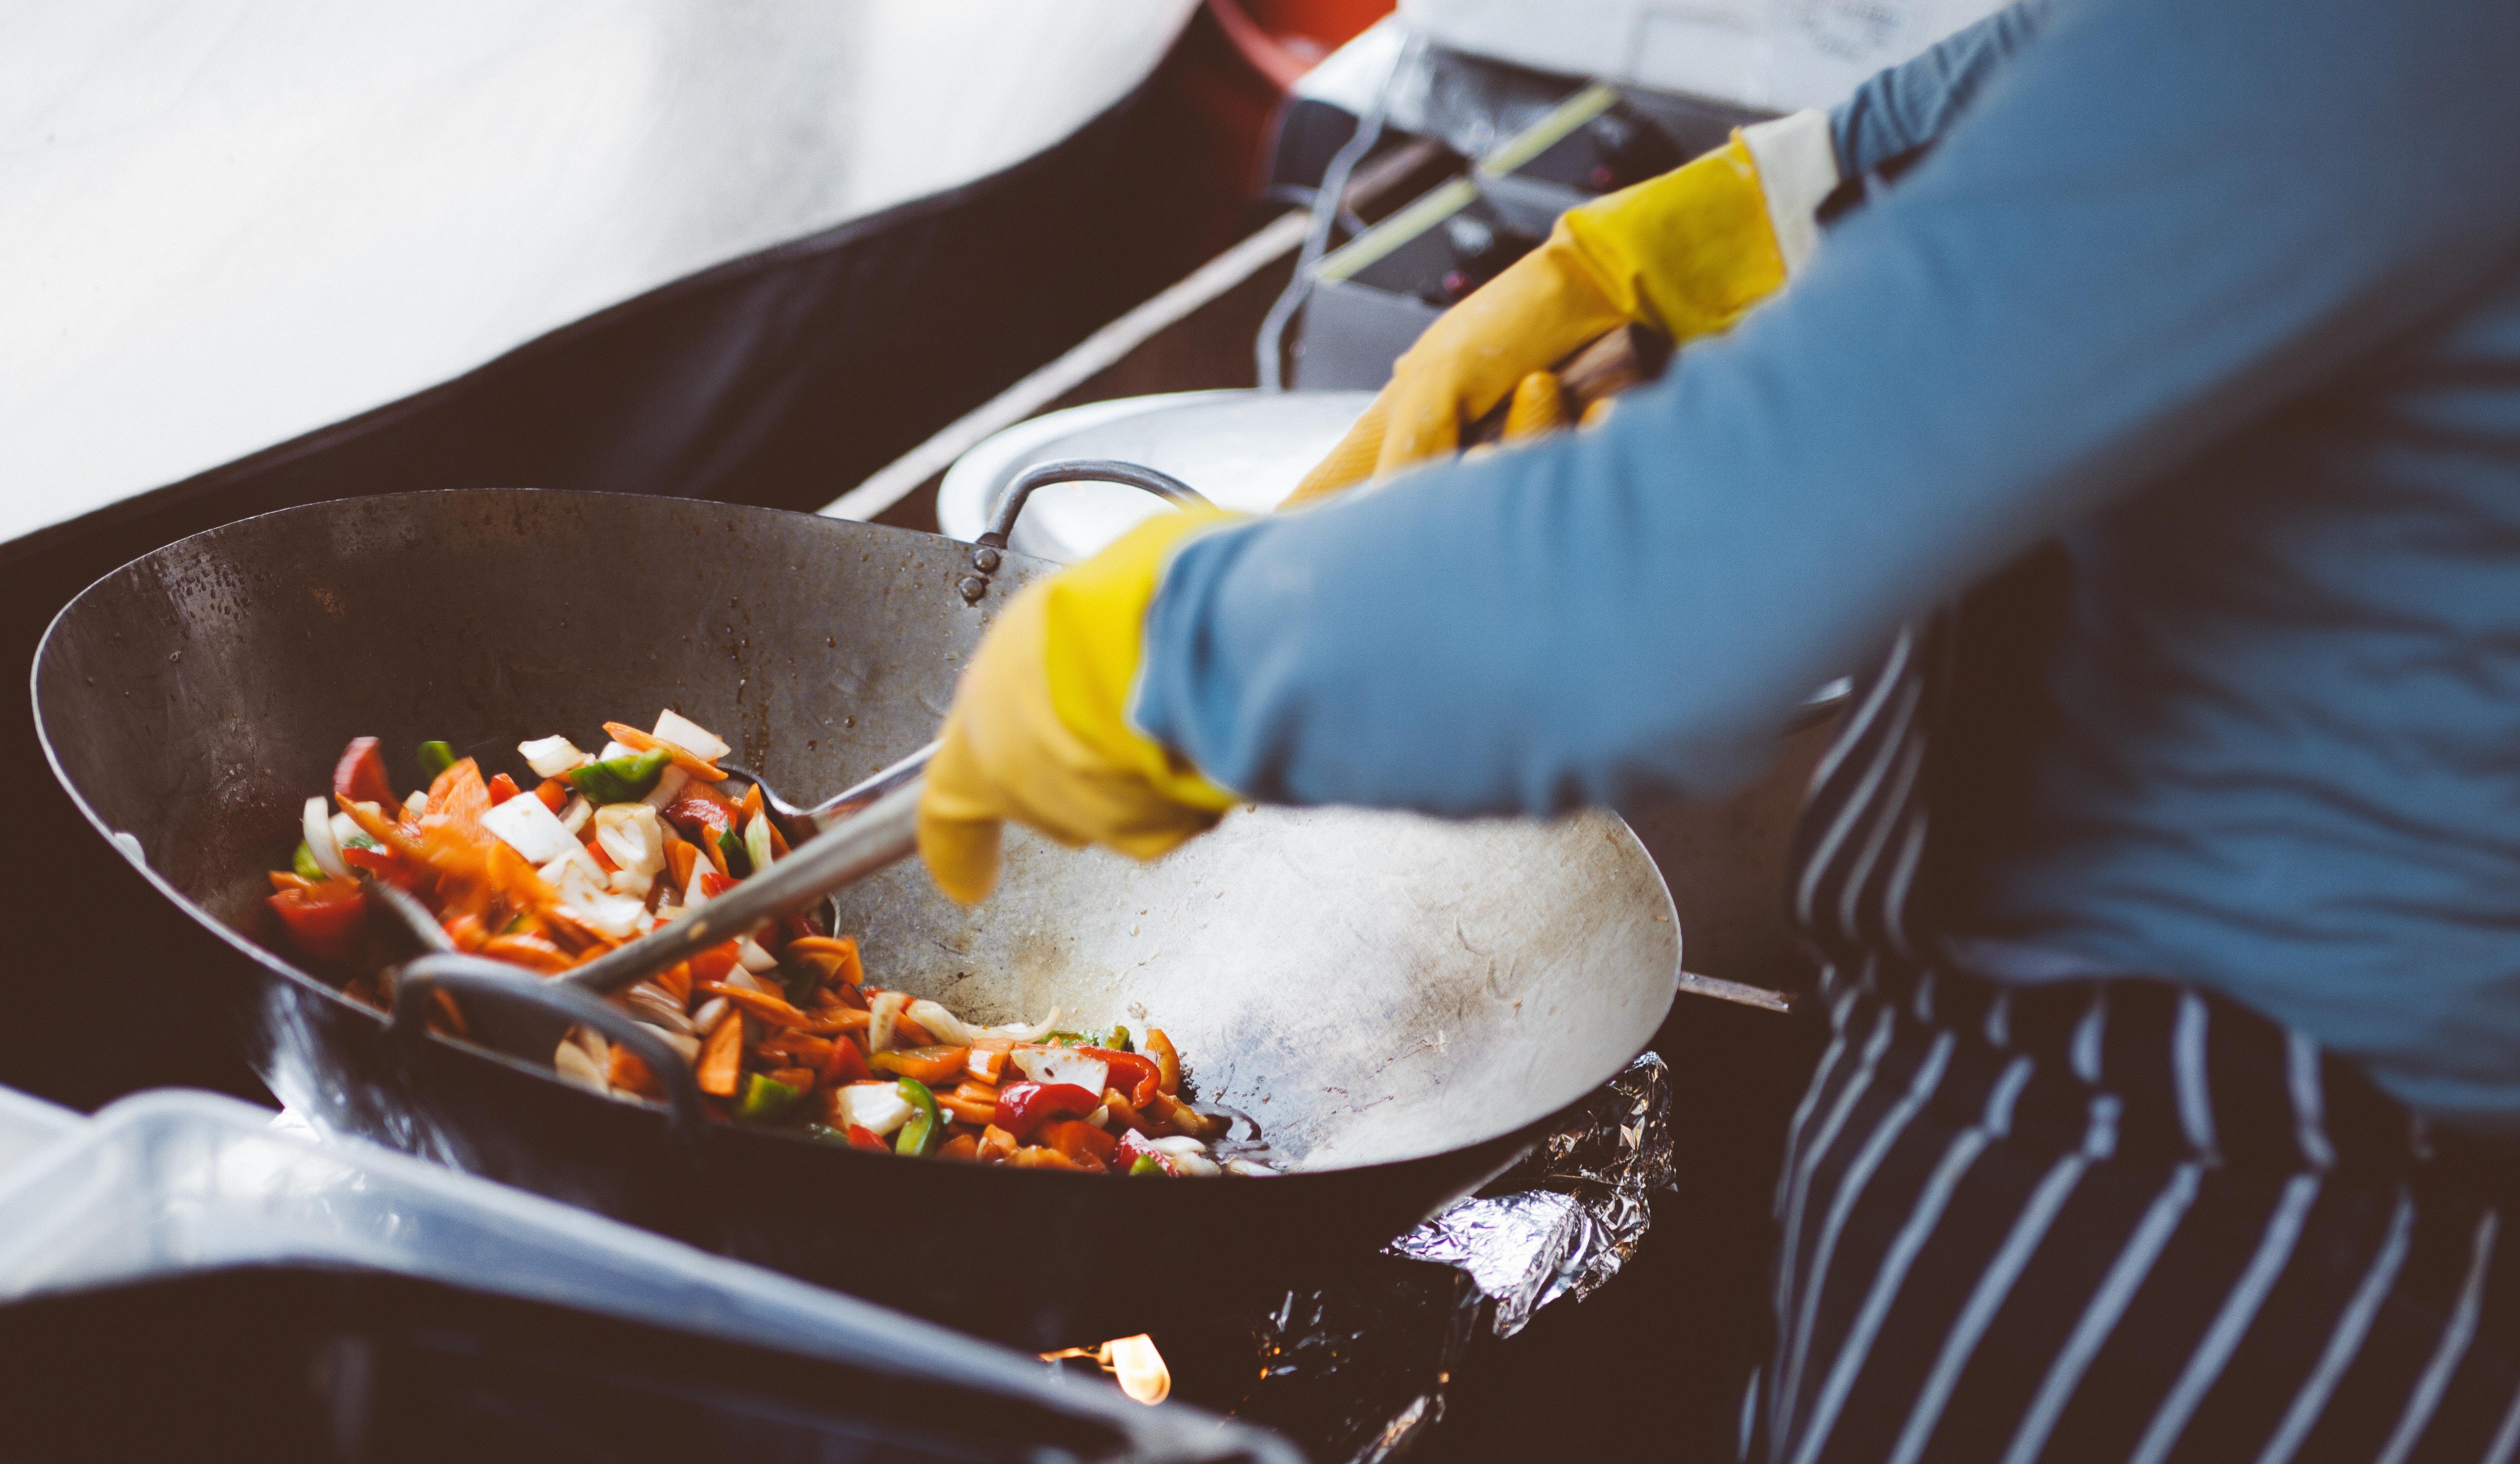 Cursos de cocina para principiantes cursos gratis full - Cursos de cocina en barcelona para principiantes ...